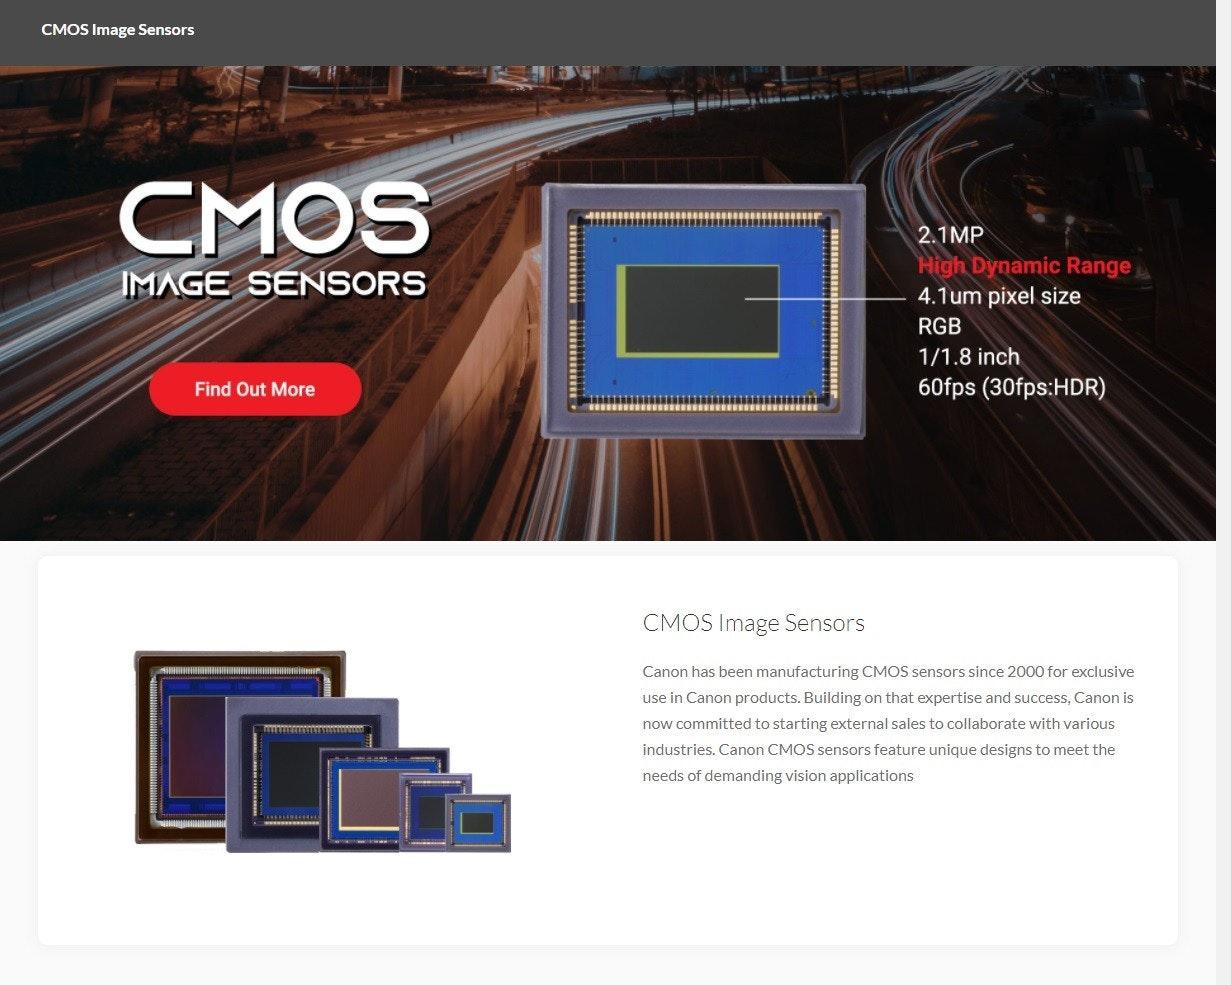 照片中提到了CMOS Image Sensors、CMOS、2.1MP,跟諾維·斯蒂爾集團有關,包含了多媒體、產品設計、牌、產品、儀表